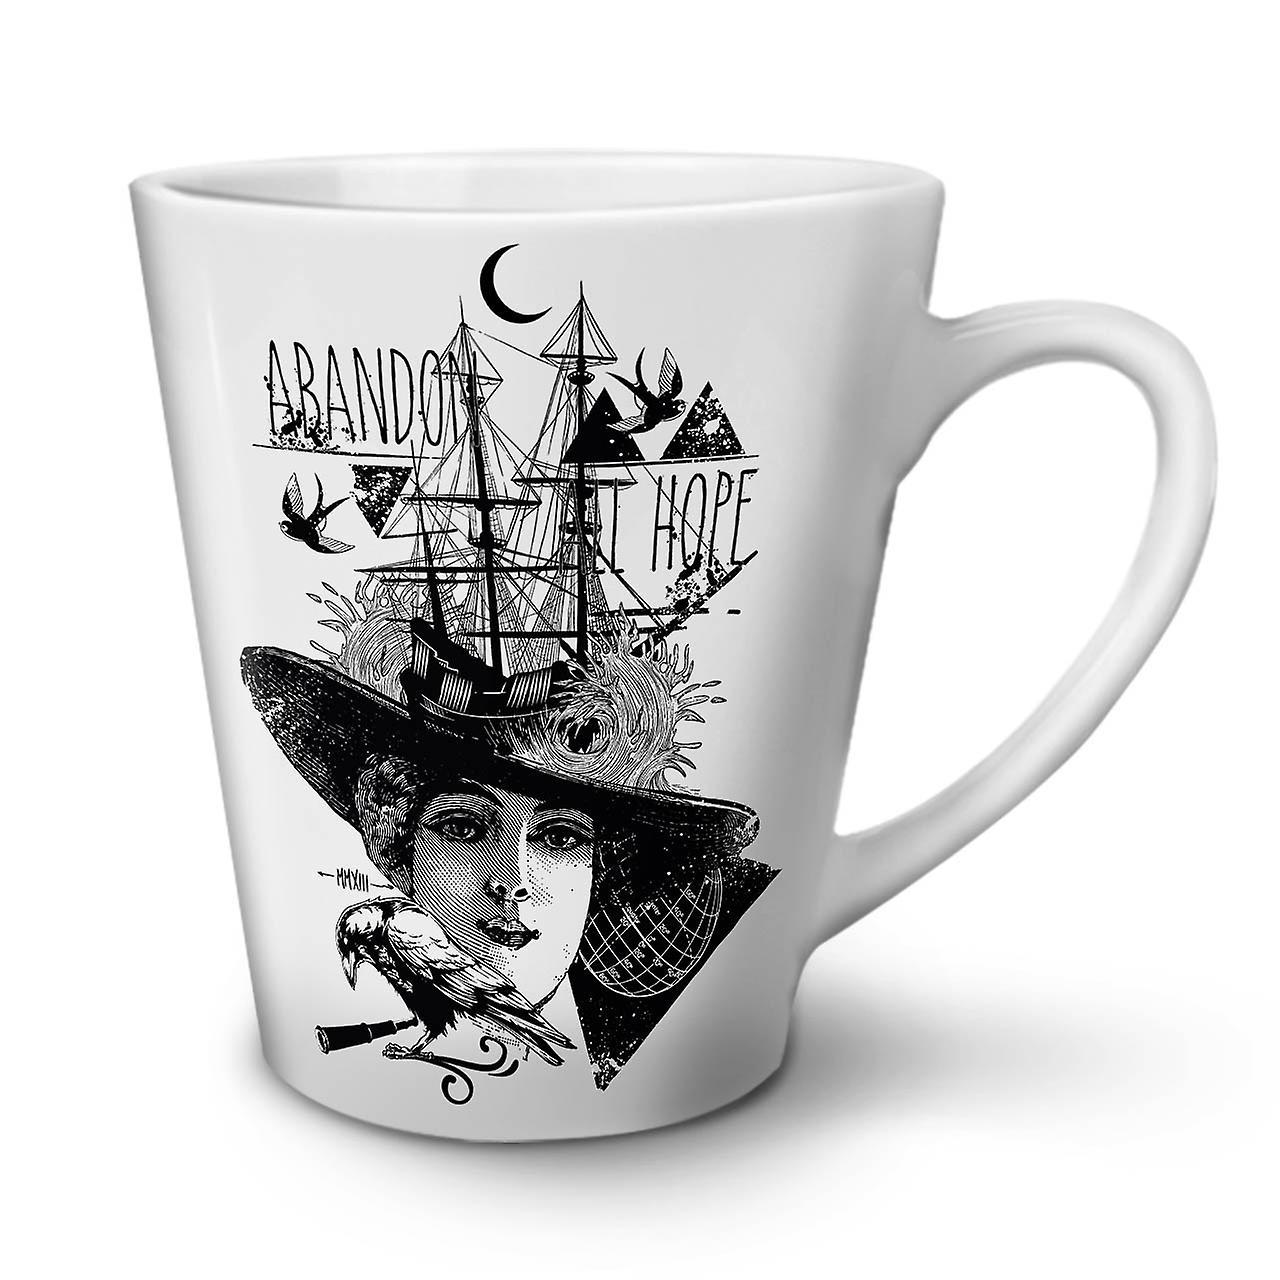 Abandonner Mug En Tout OzWellcoda Thé Blanc 12 Espoir Nouveau Céramique Latte Café pSUVqMz